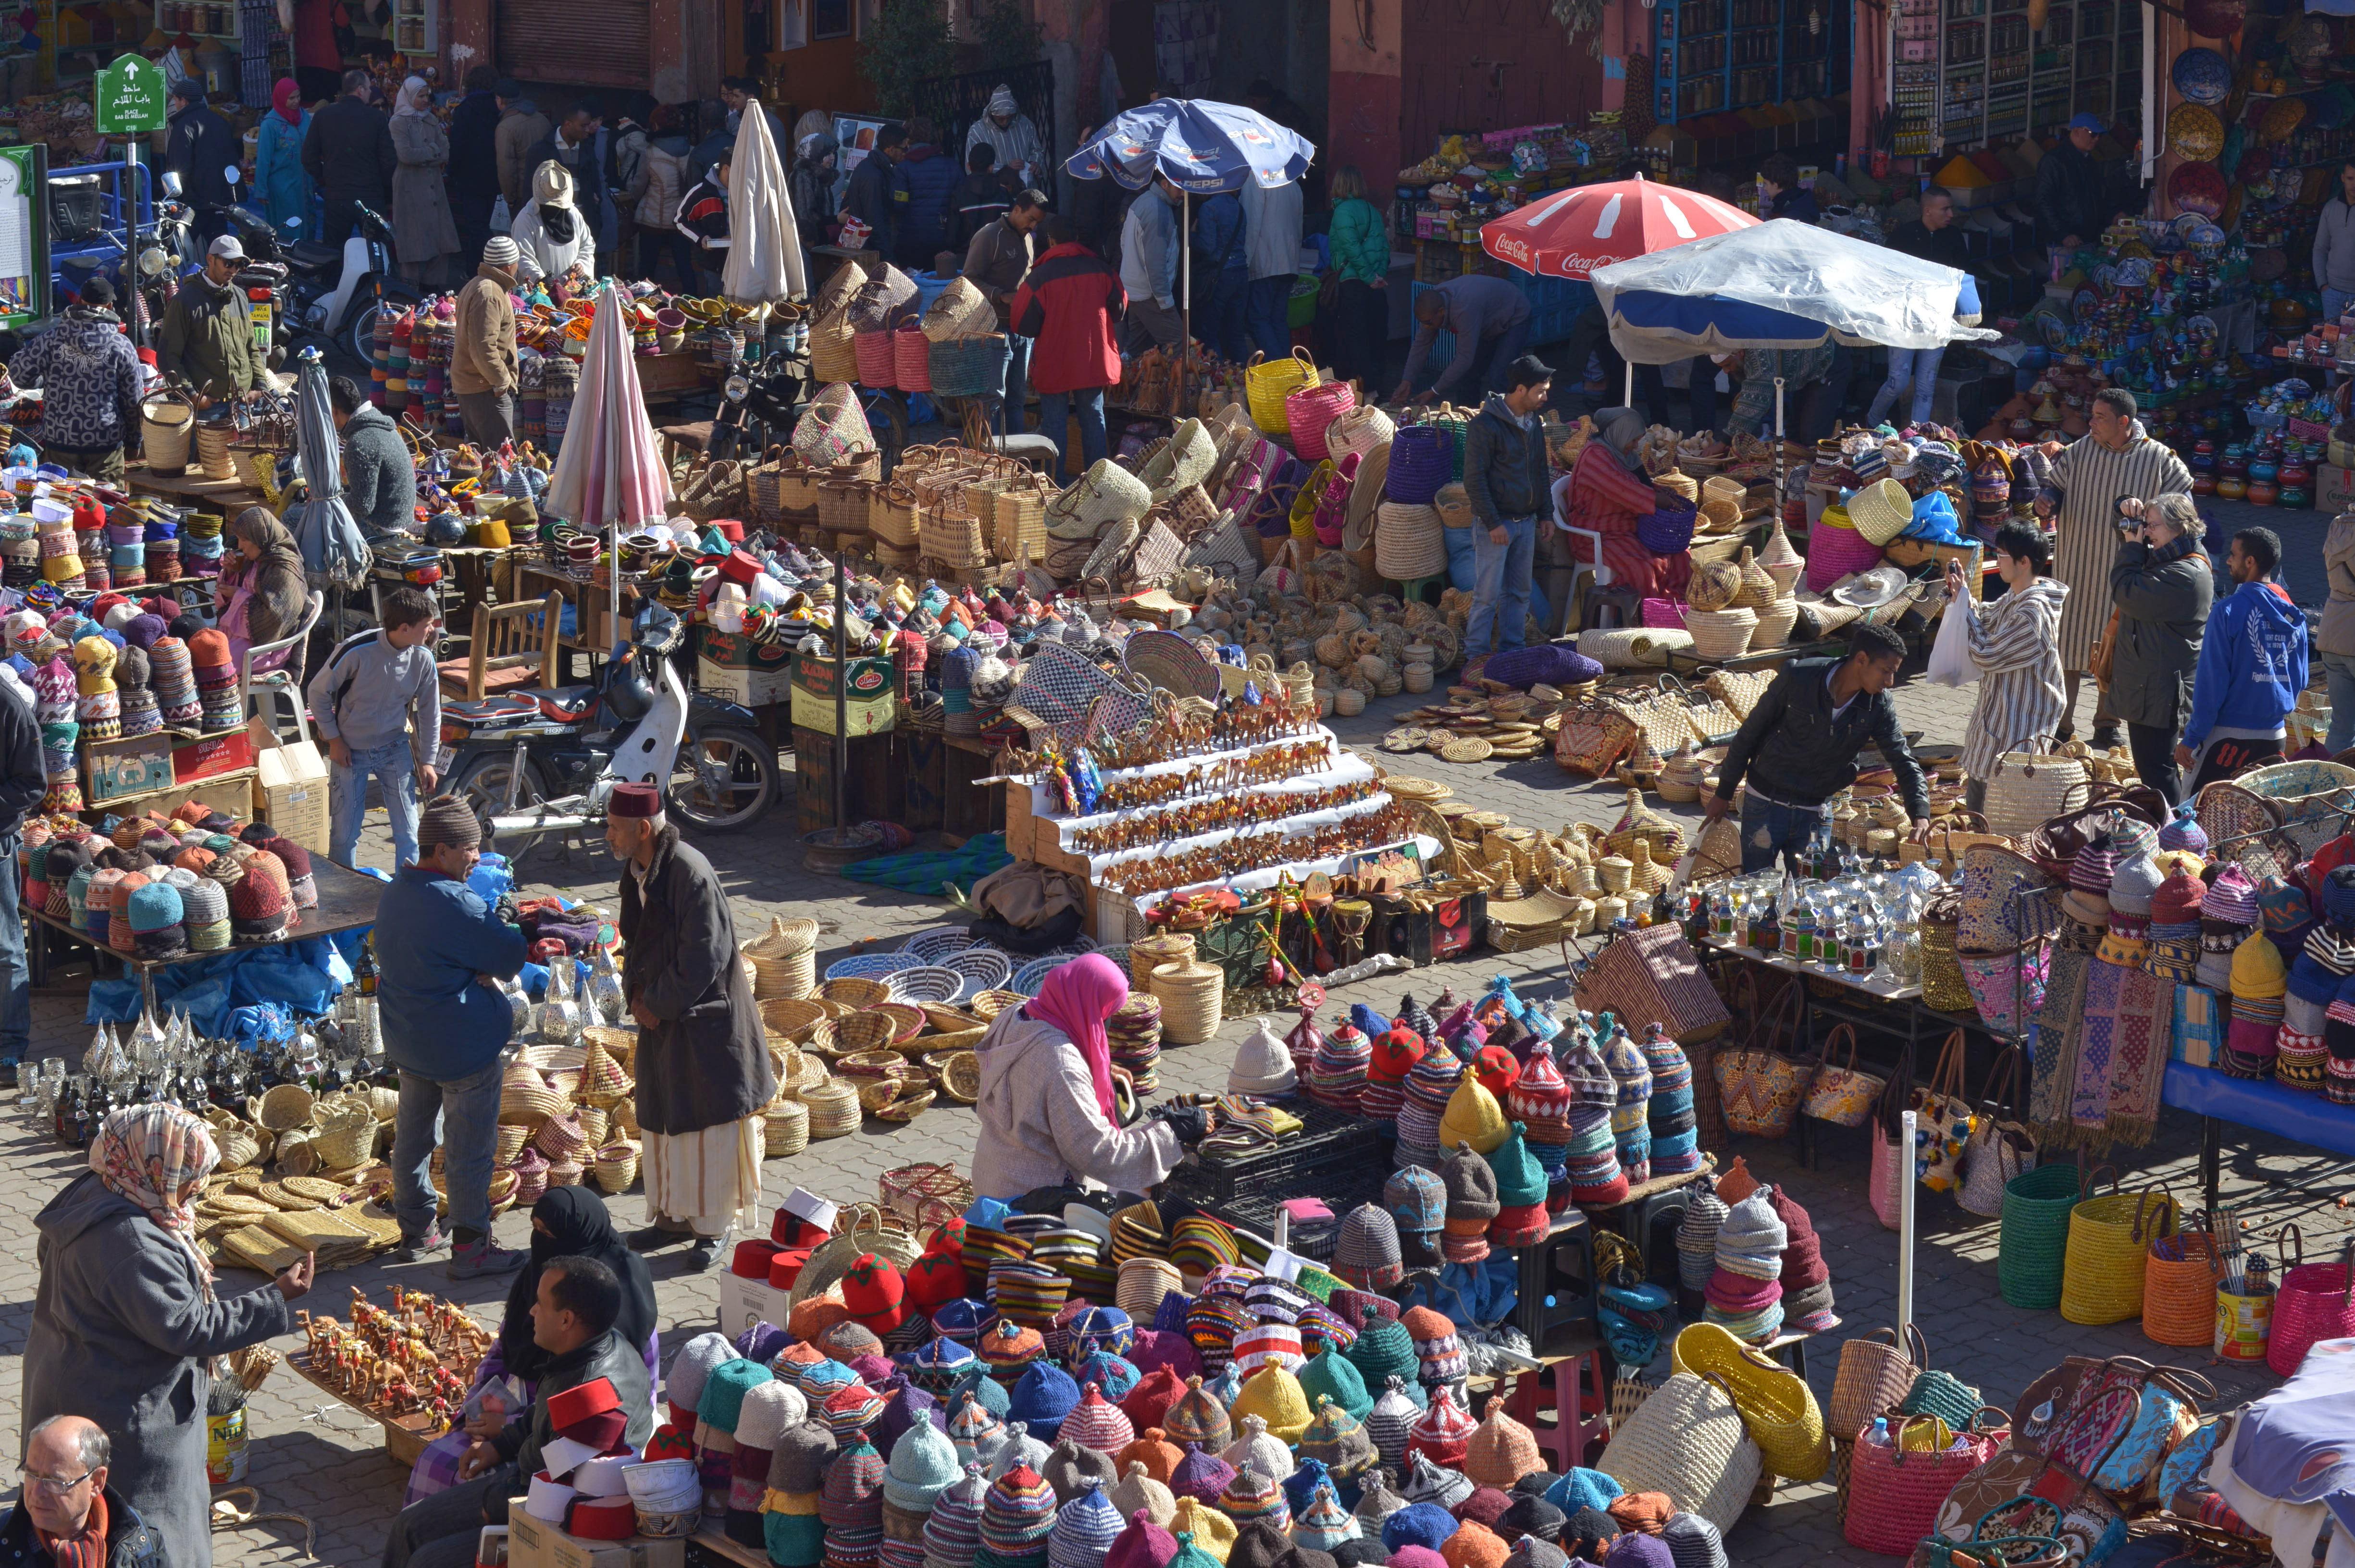 Gedemarked